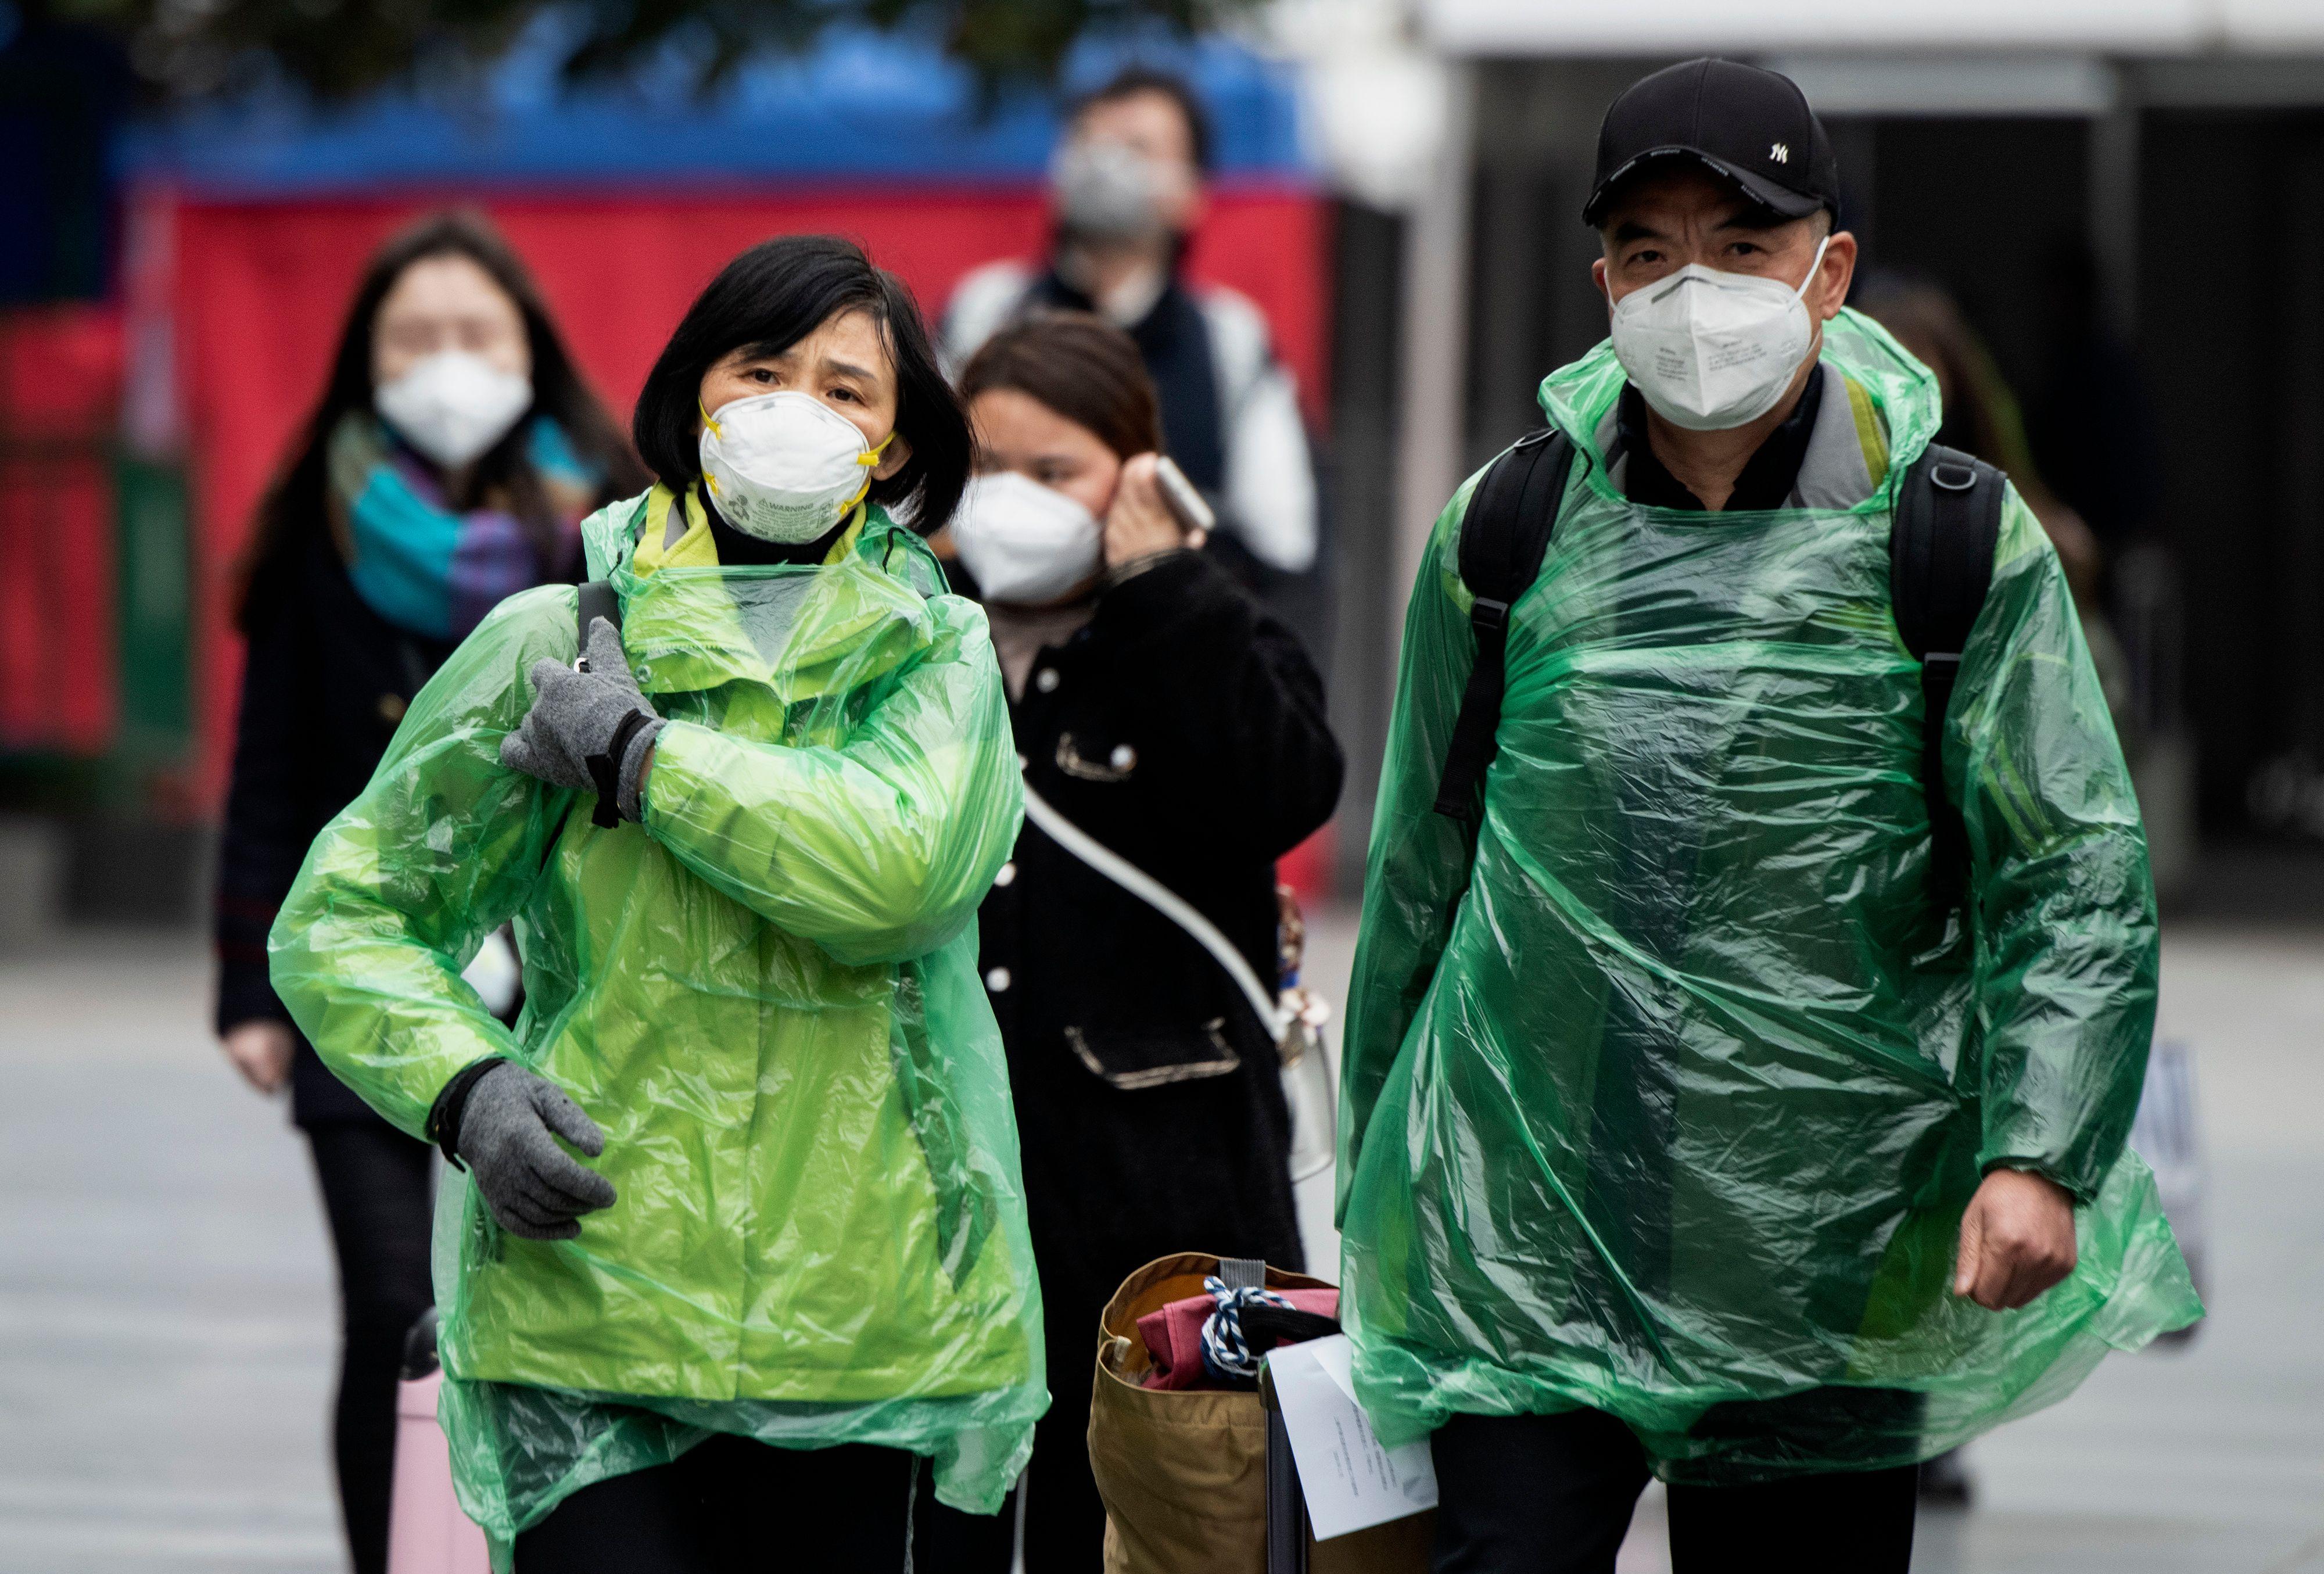 美醫院現口罩荒 醫療供應鏈依賴中國引警訊